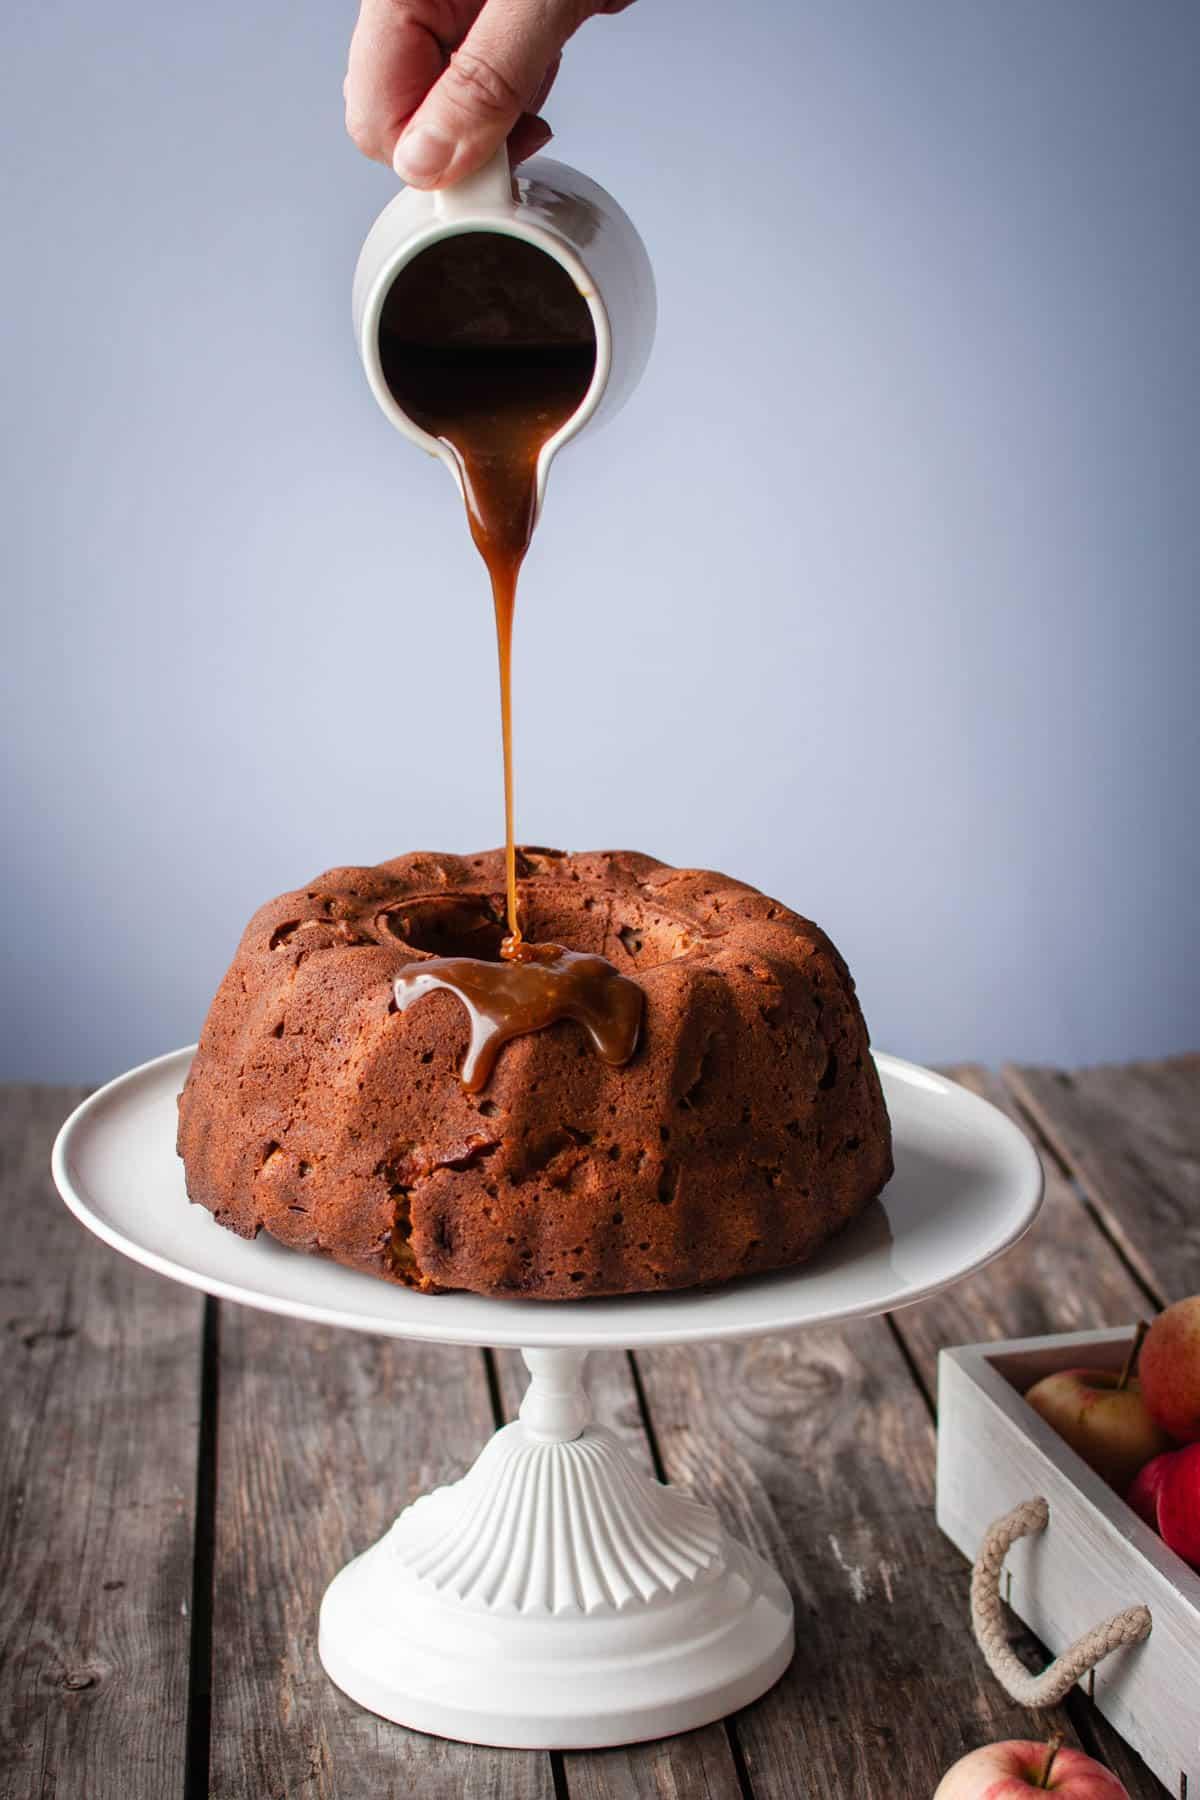 Omenakakku valkoisella kakkujalustalla puupöydällä. Kuvan ylälaidassa näkyy käsi, joka pitelee pientä valkoista kannua, josta valuu kinuskia kakun päälle.